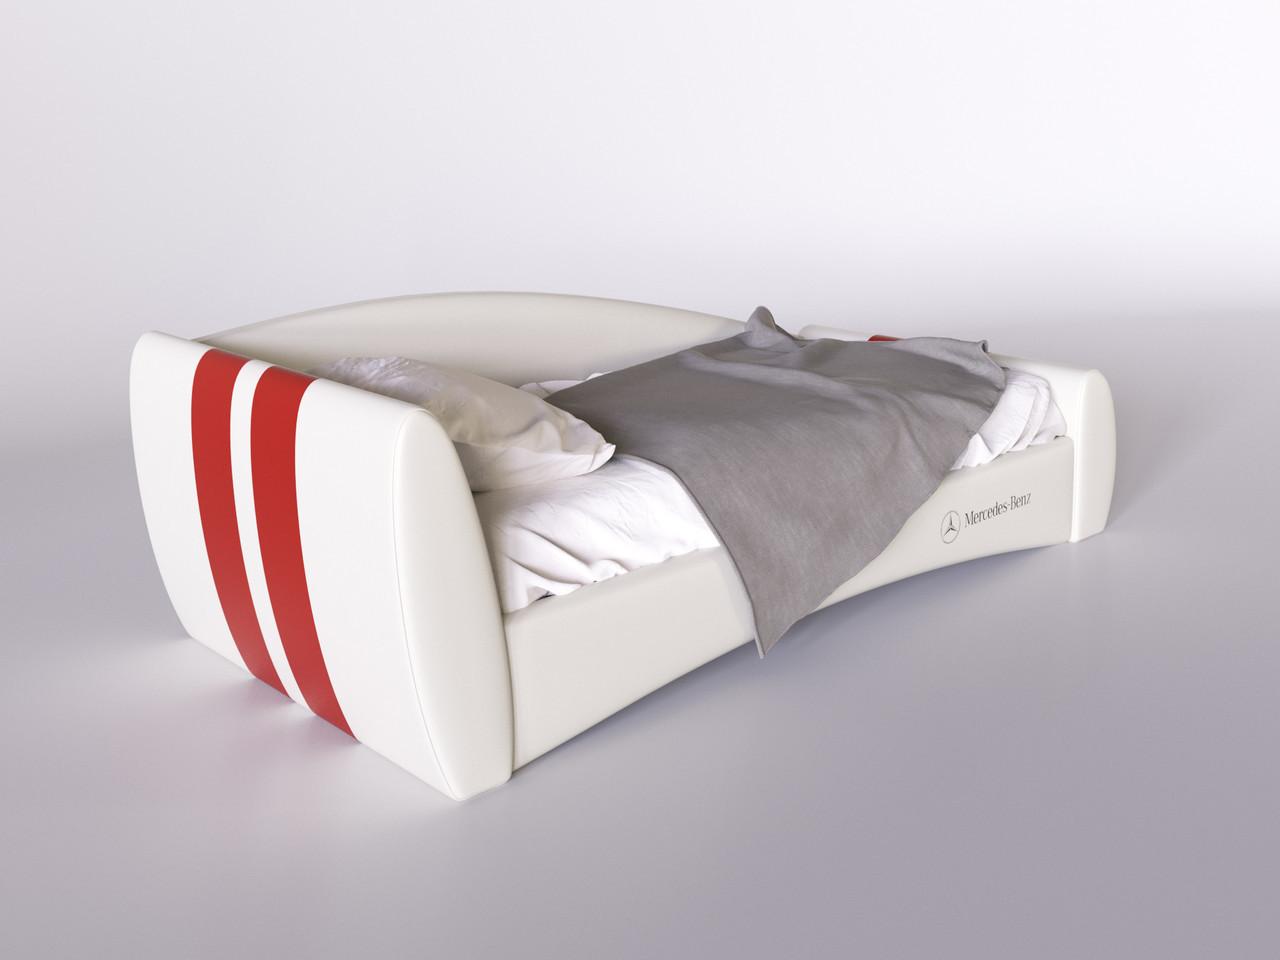 Детская кровать Формула Mercedes - Benz 80*190 с подъемным механизмом